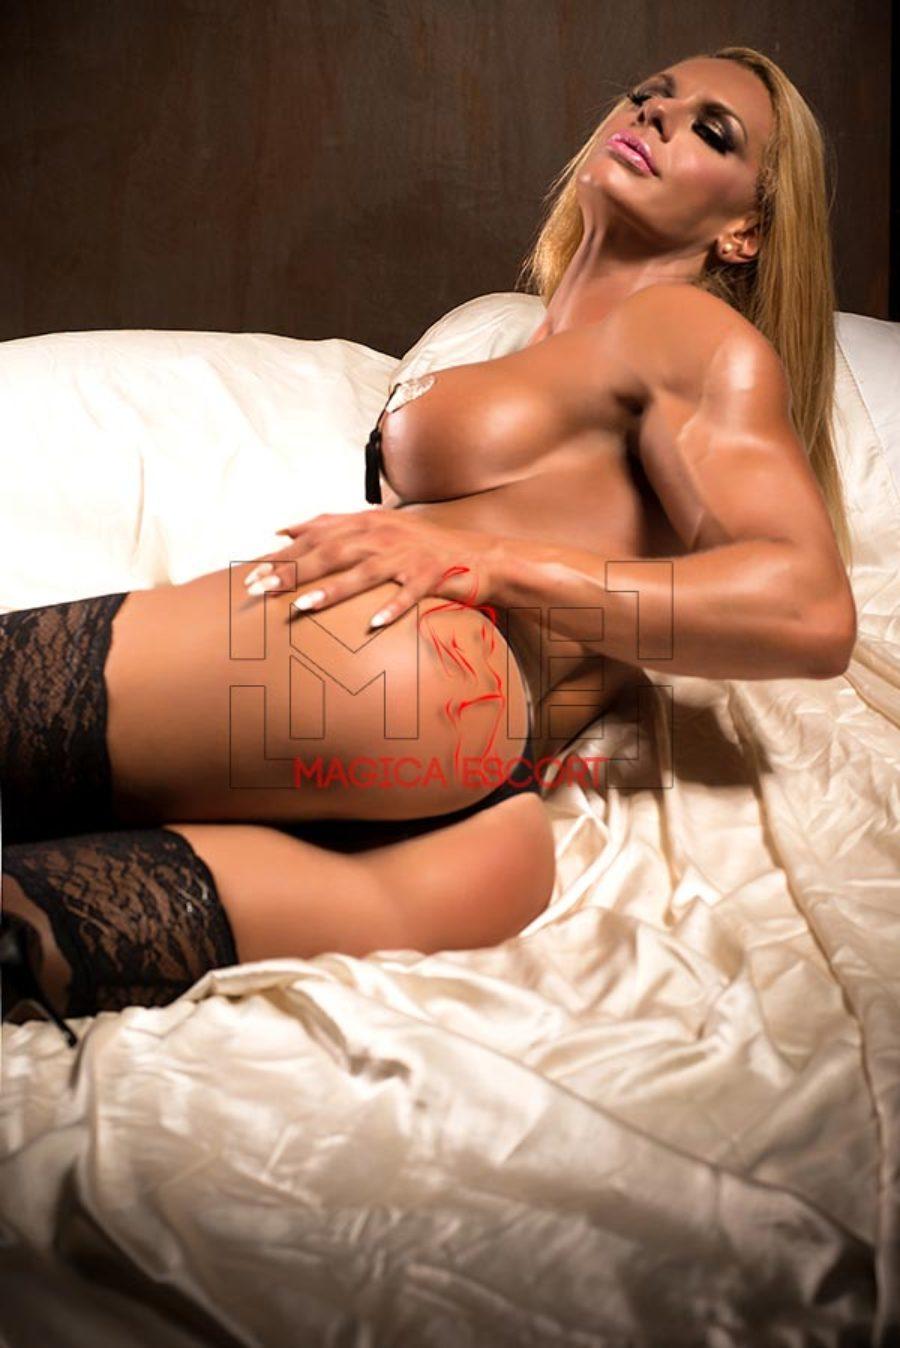 Larissa escort Roma in tutta la sua sensualità.